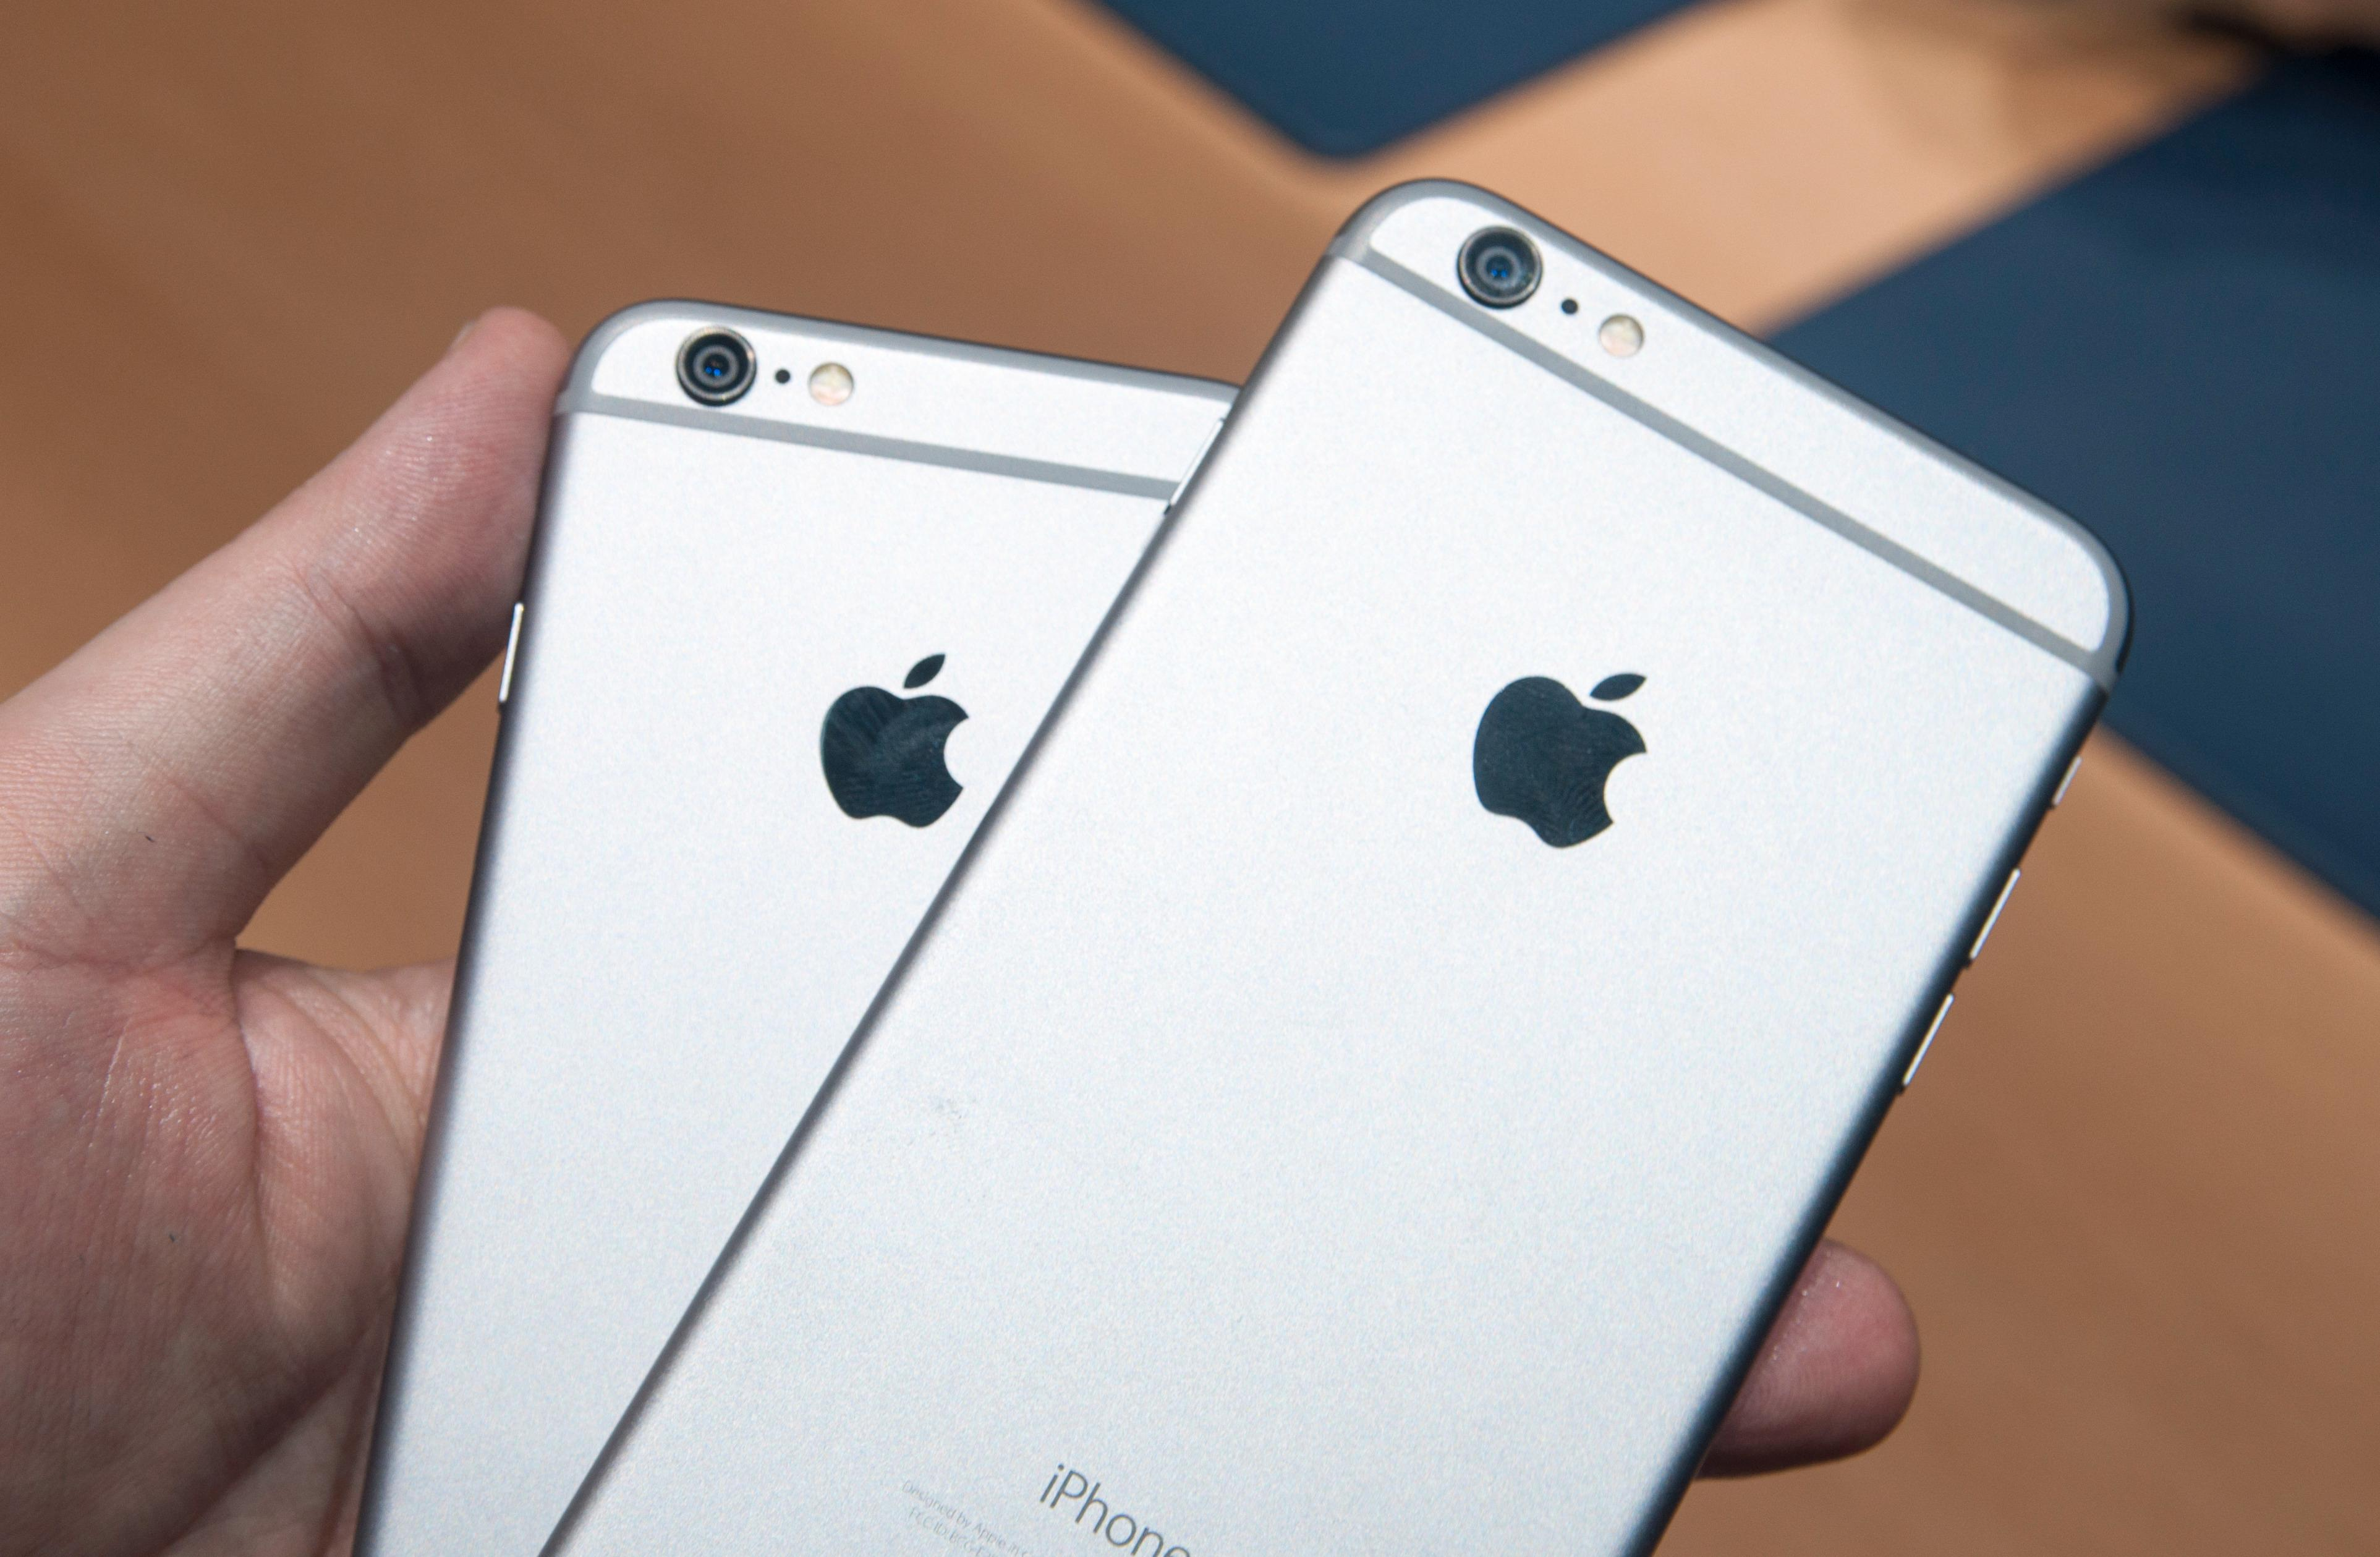 iPhone 6 til venstre og iPhone 6 Plus til høyre.Foto: Finn Jarle Kvalheim, Amobil.no